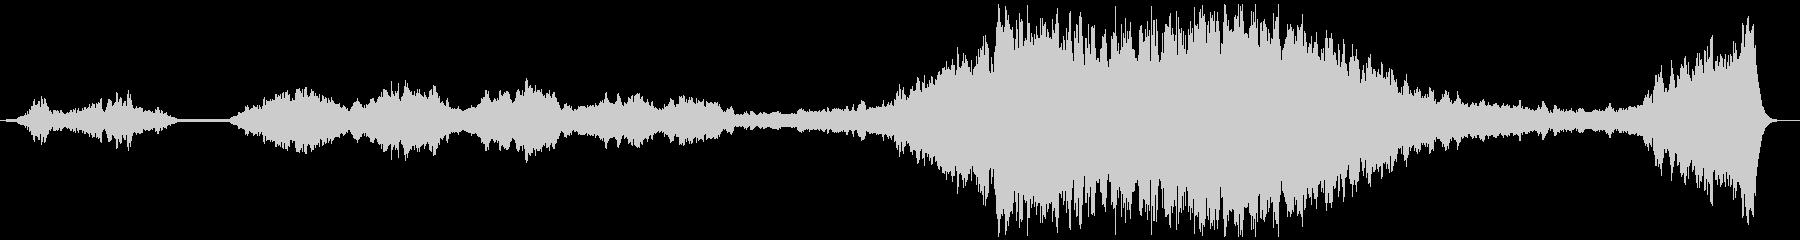 「そんなのつらすぎる」っていう弦楽BGMの未再生の波形